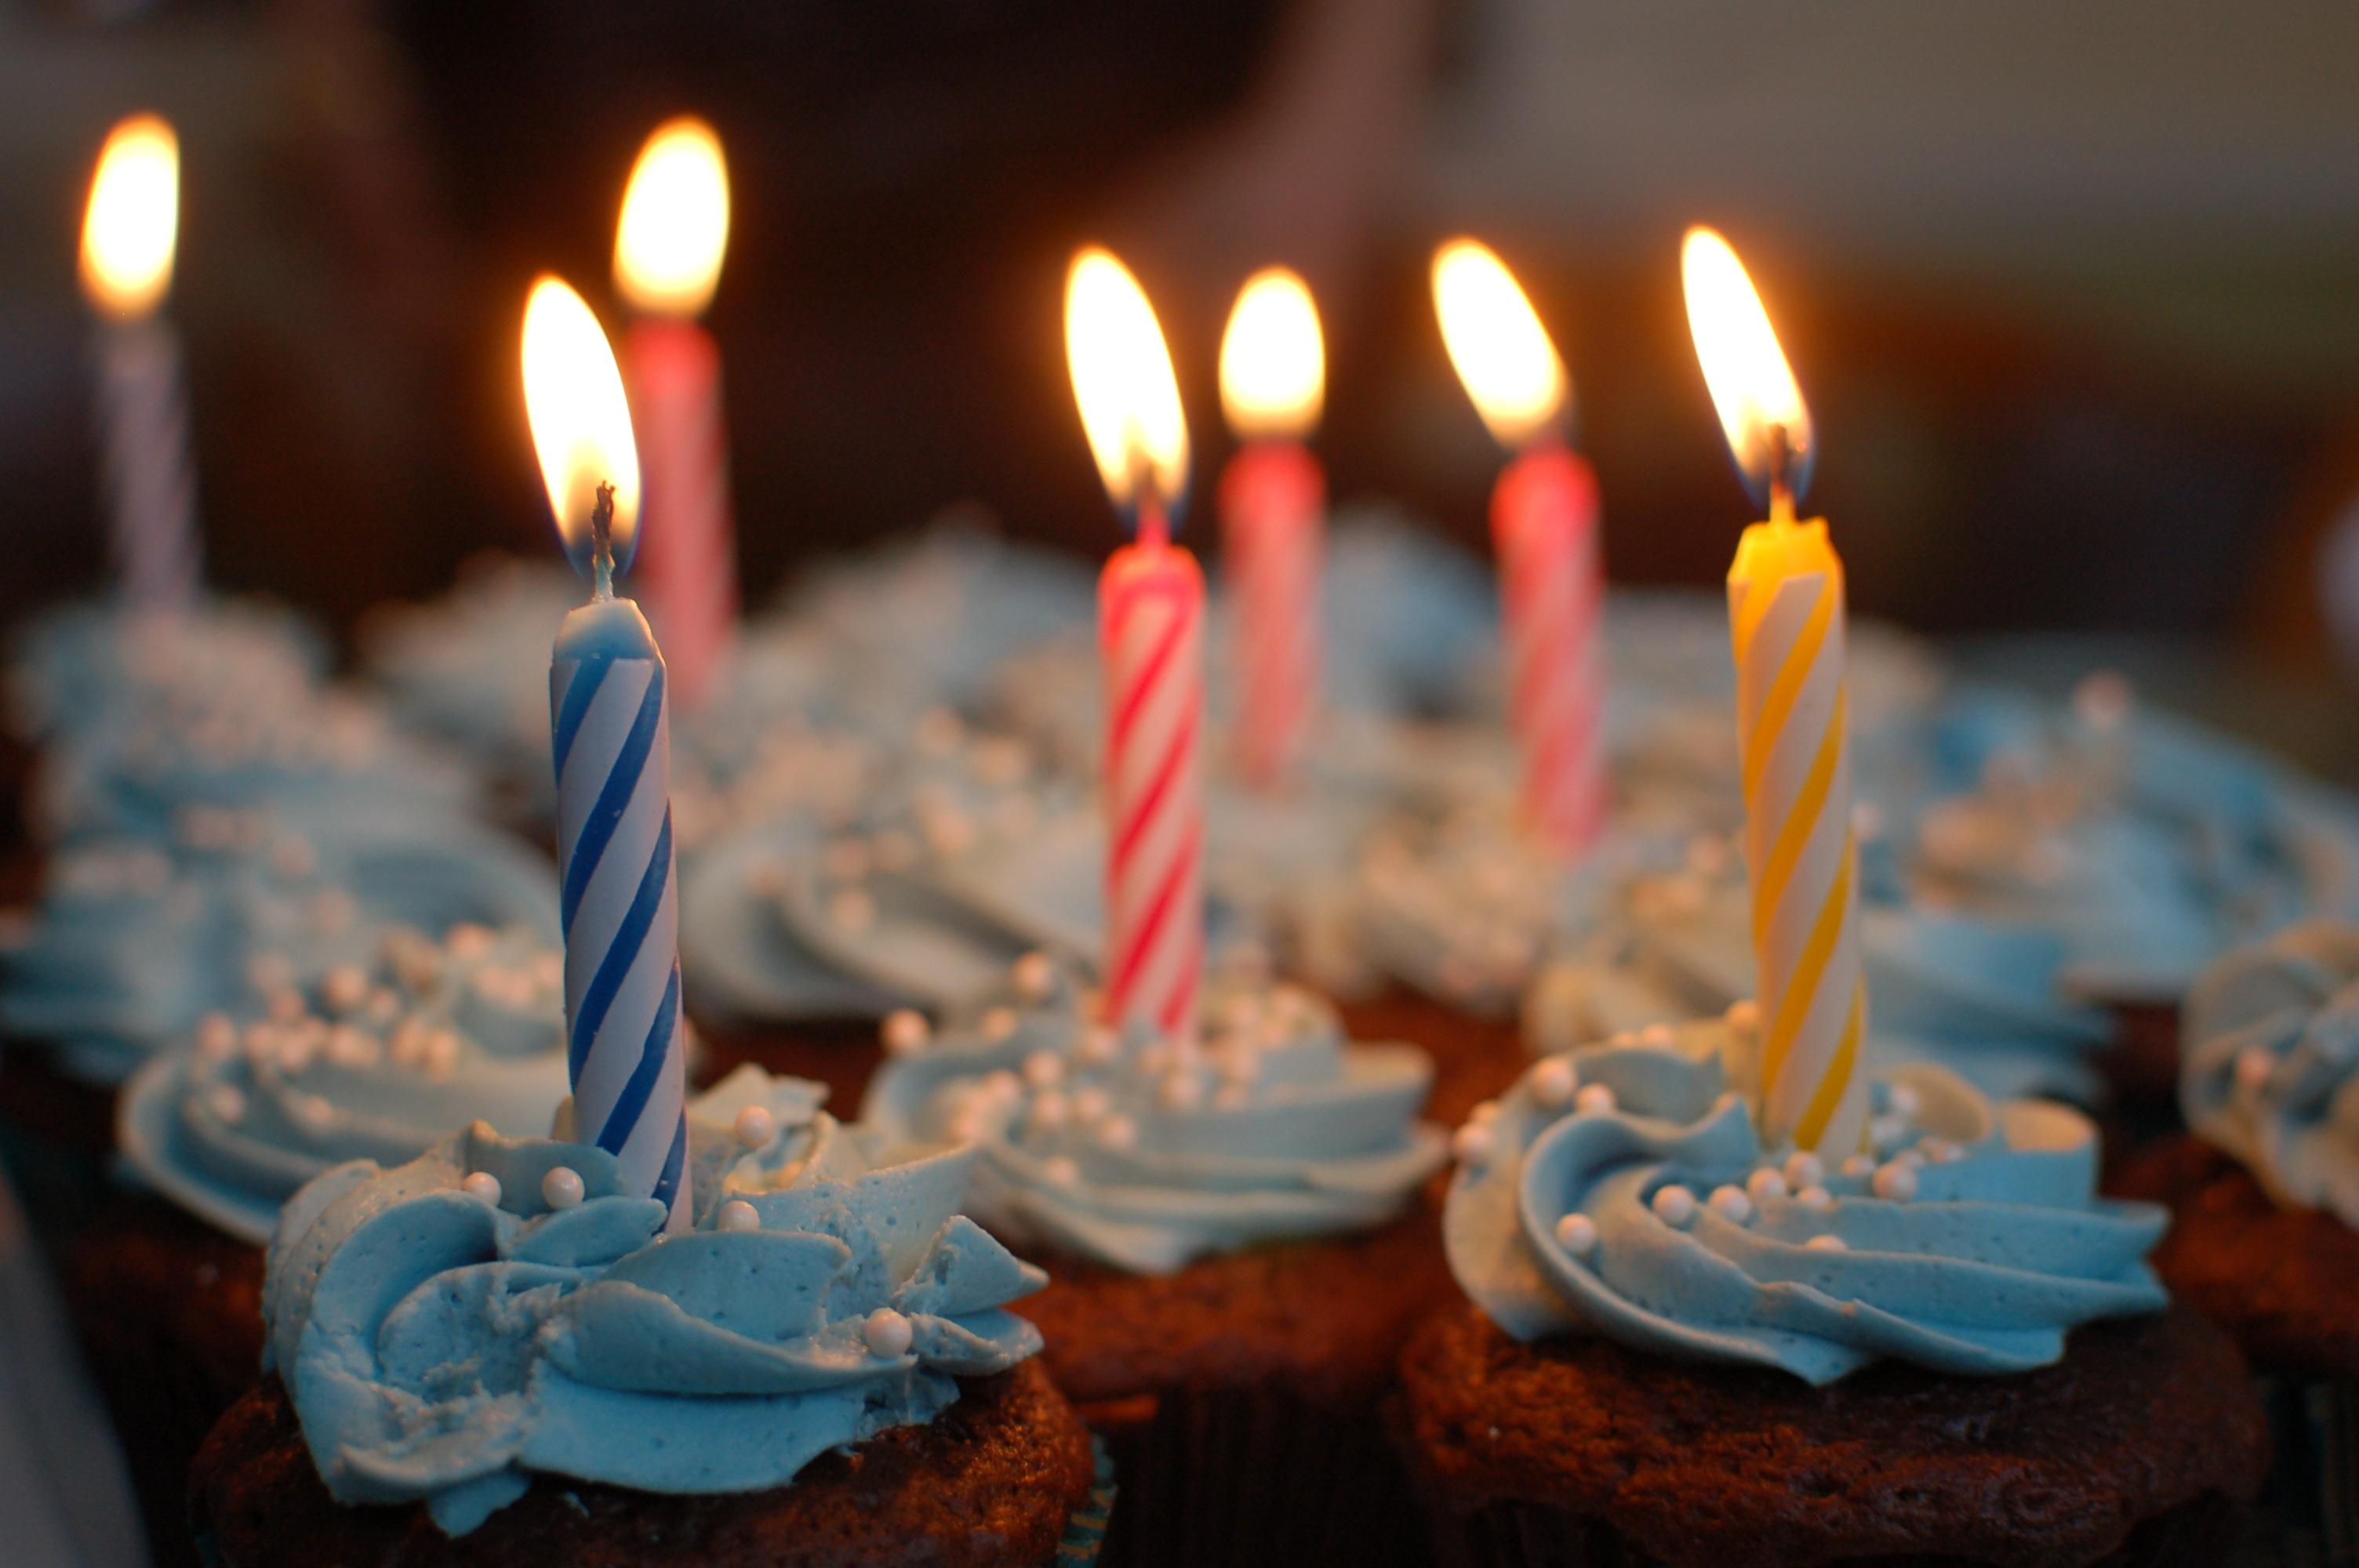 birthday-cake-cake-birthday-cupcakes-40183.jpeg (3008×2000)